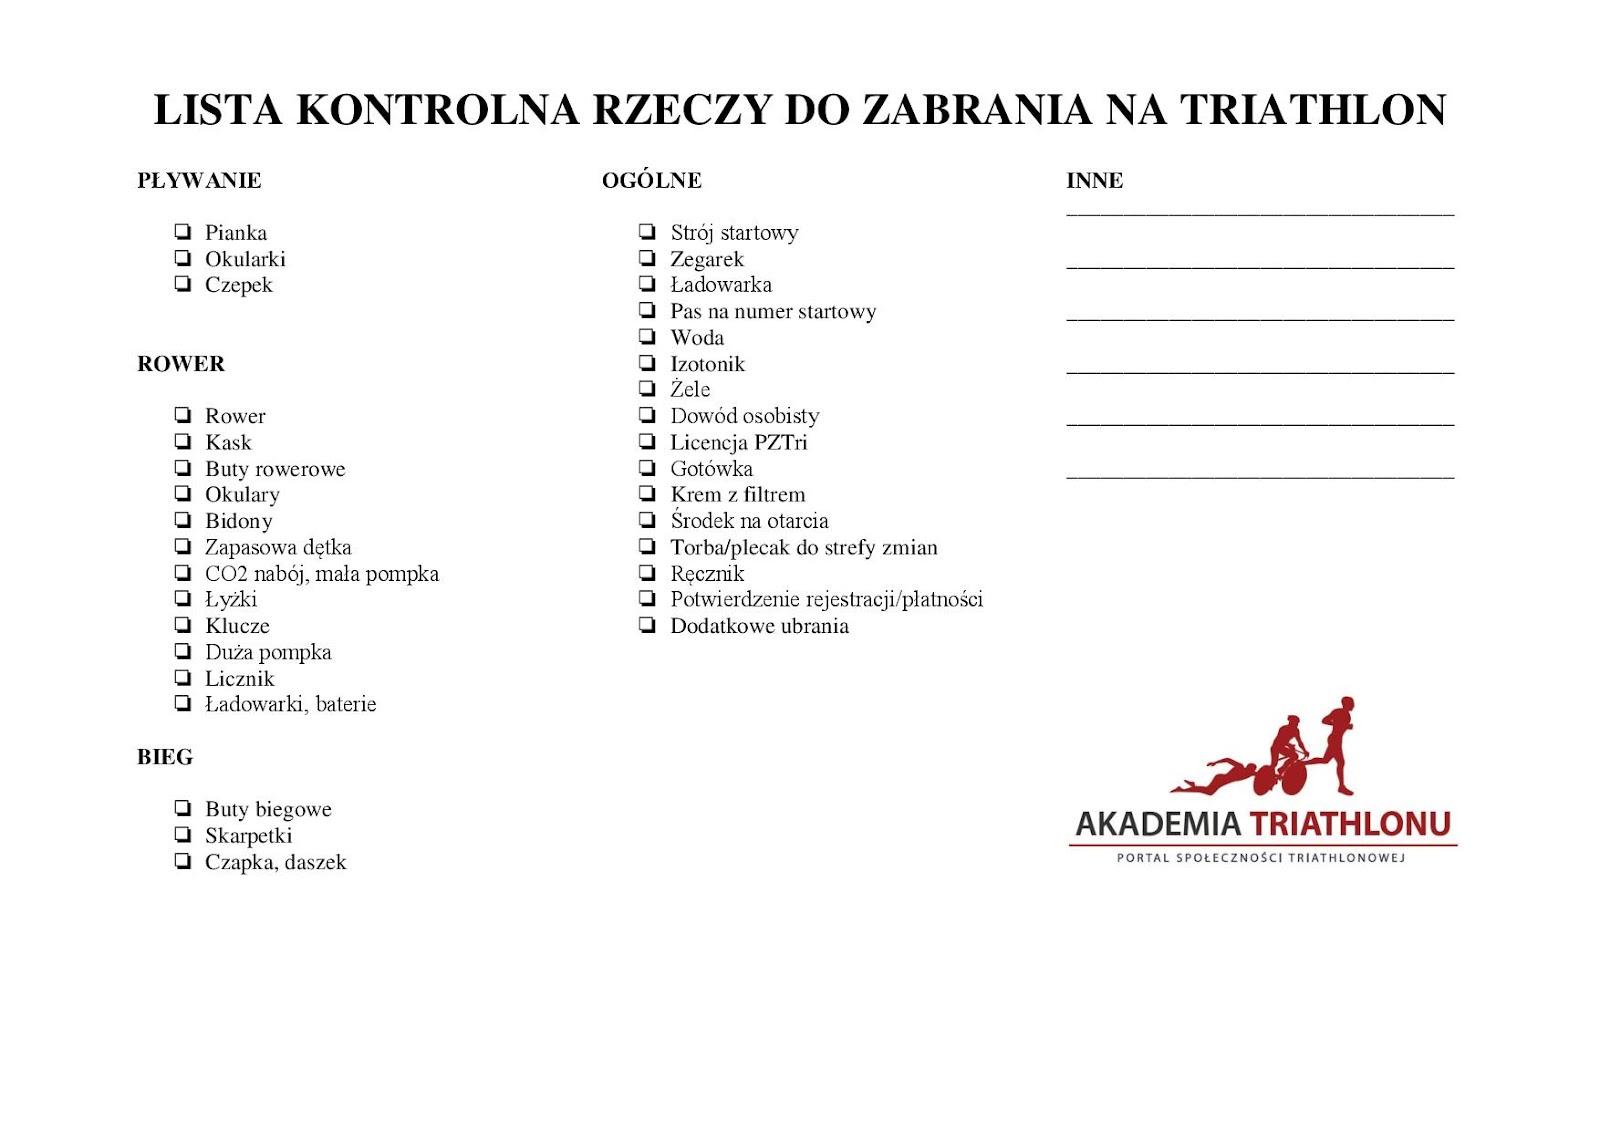 Lista kontrolna sprzętu na triathlon.jpg